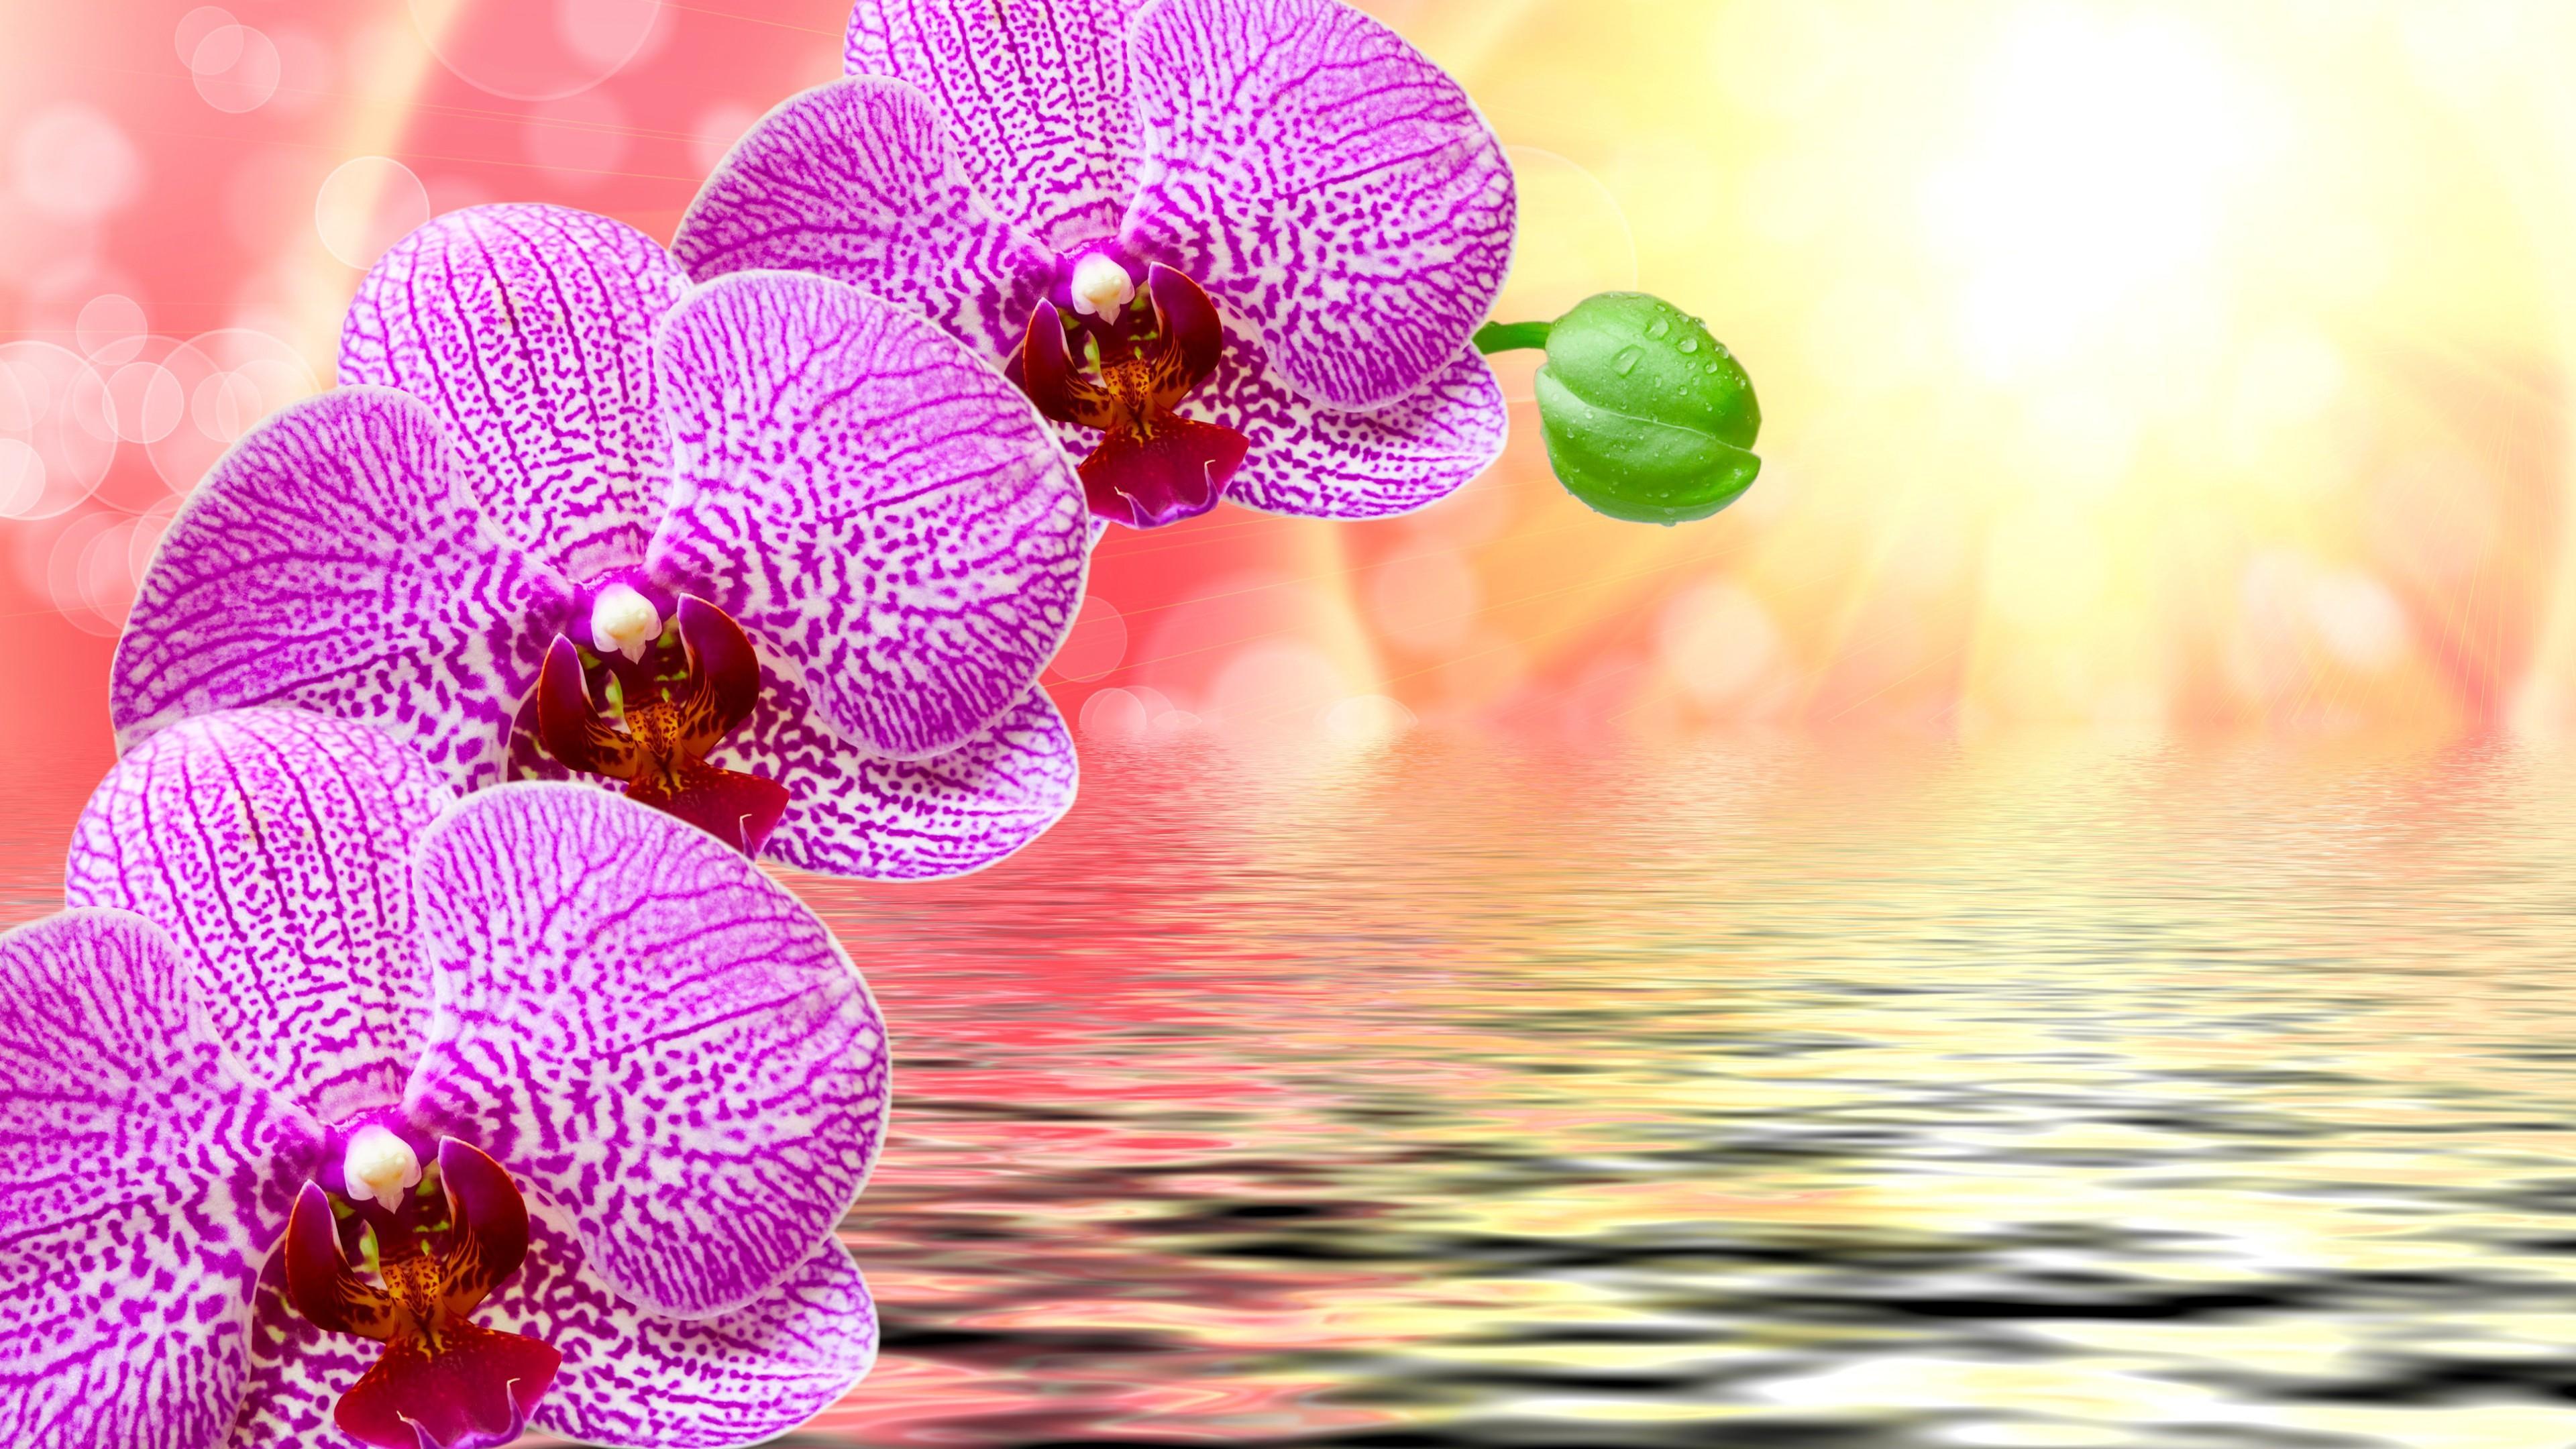 Orchid flower art wallpaper